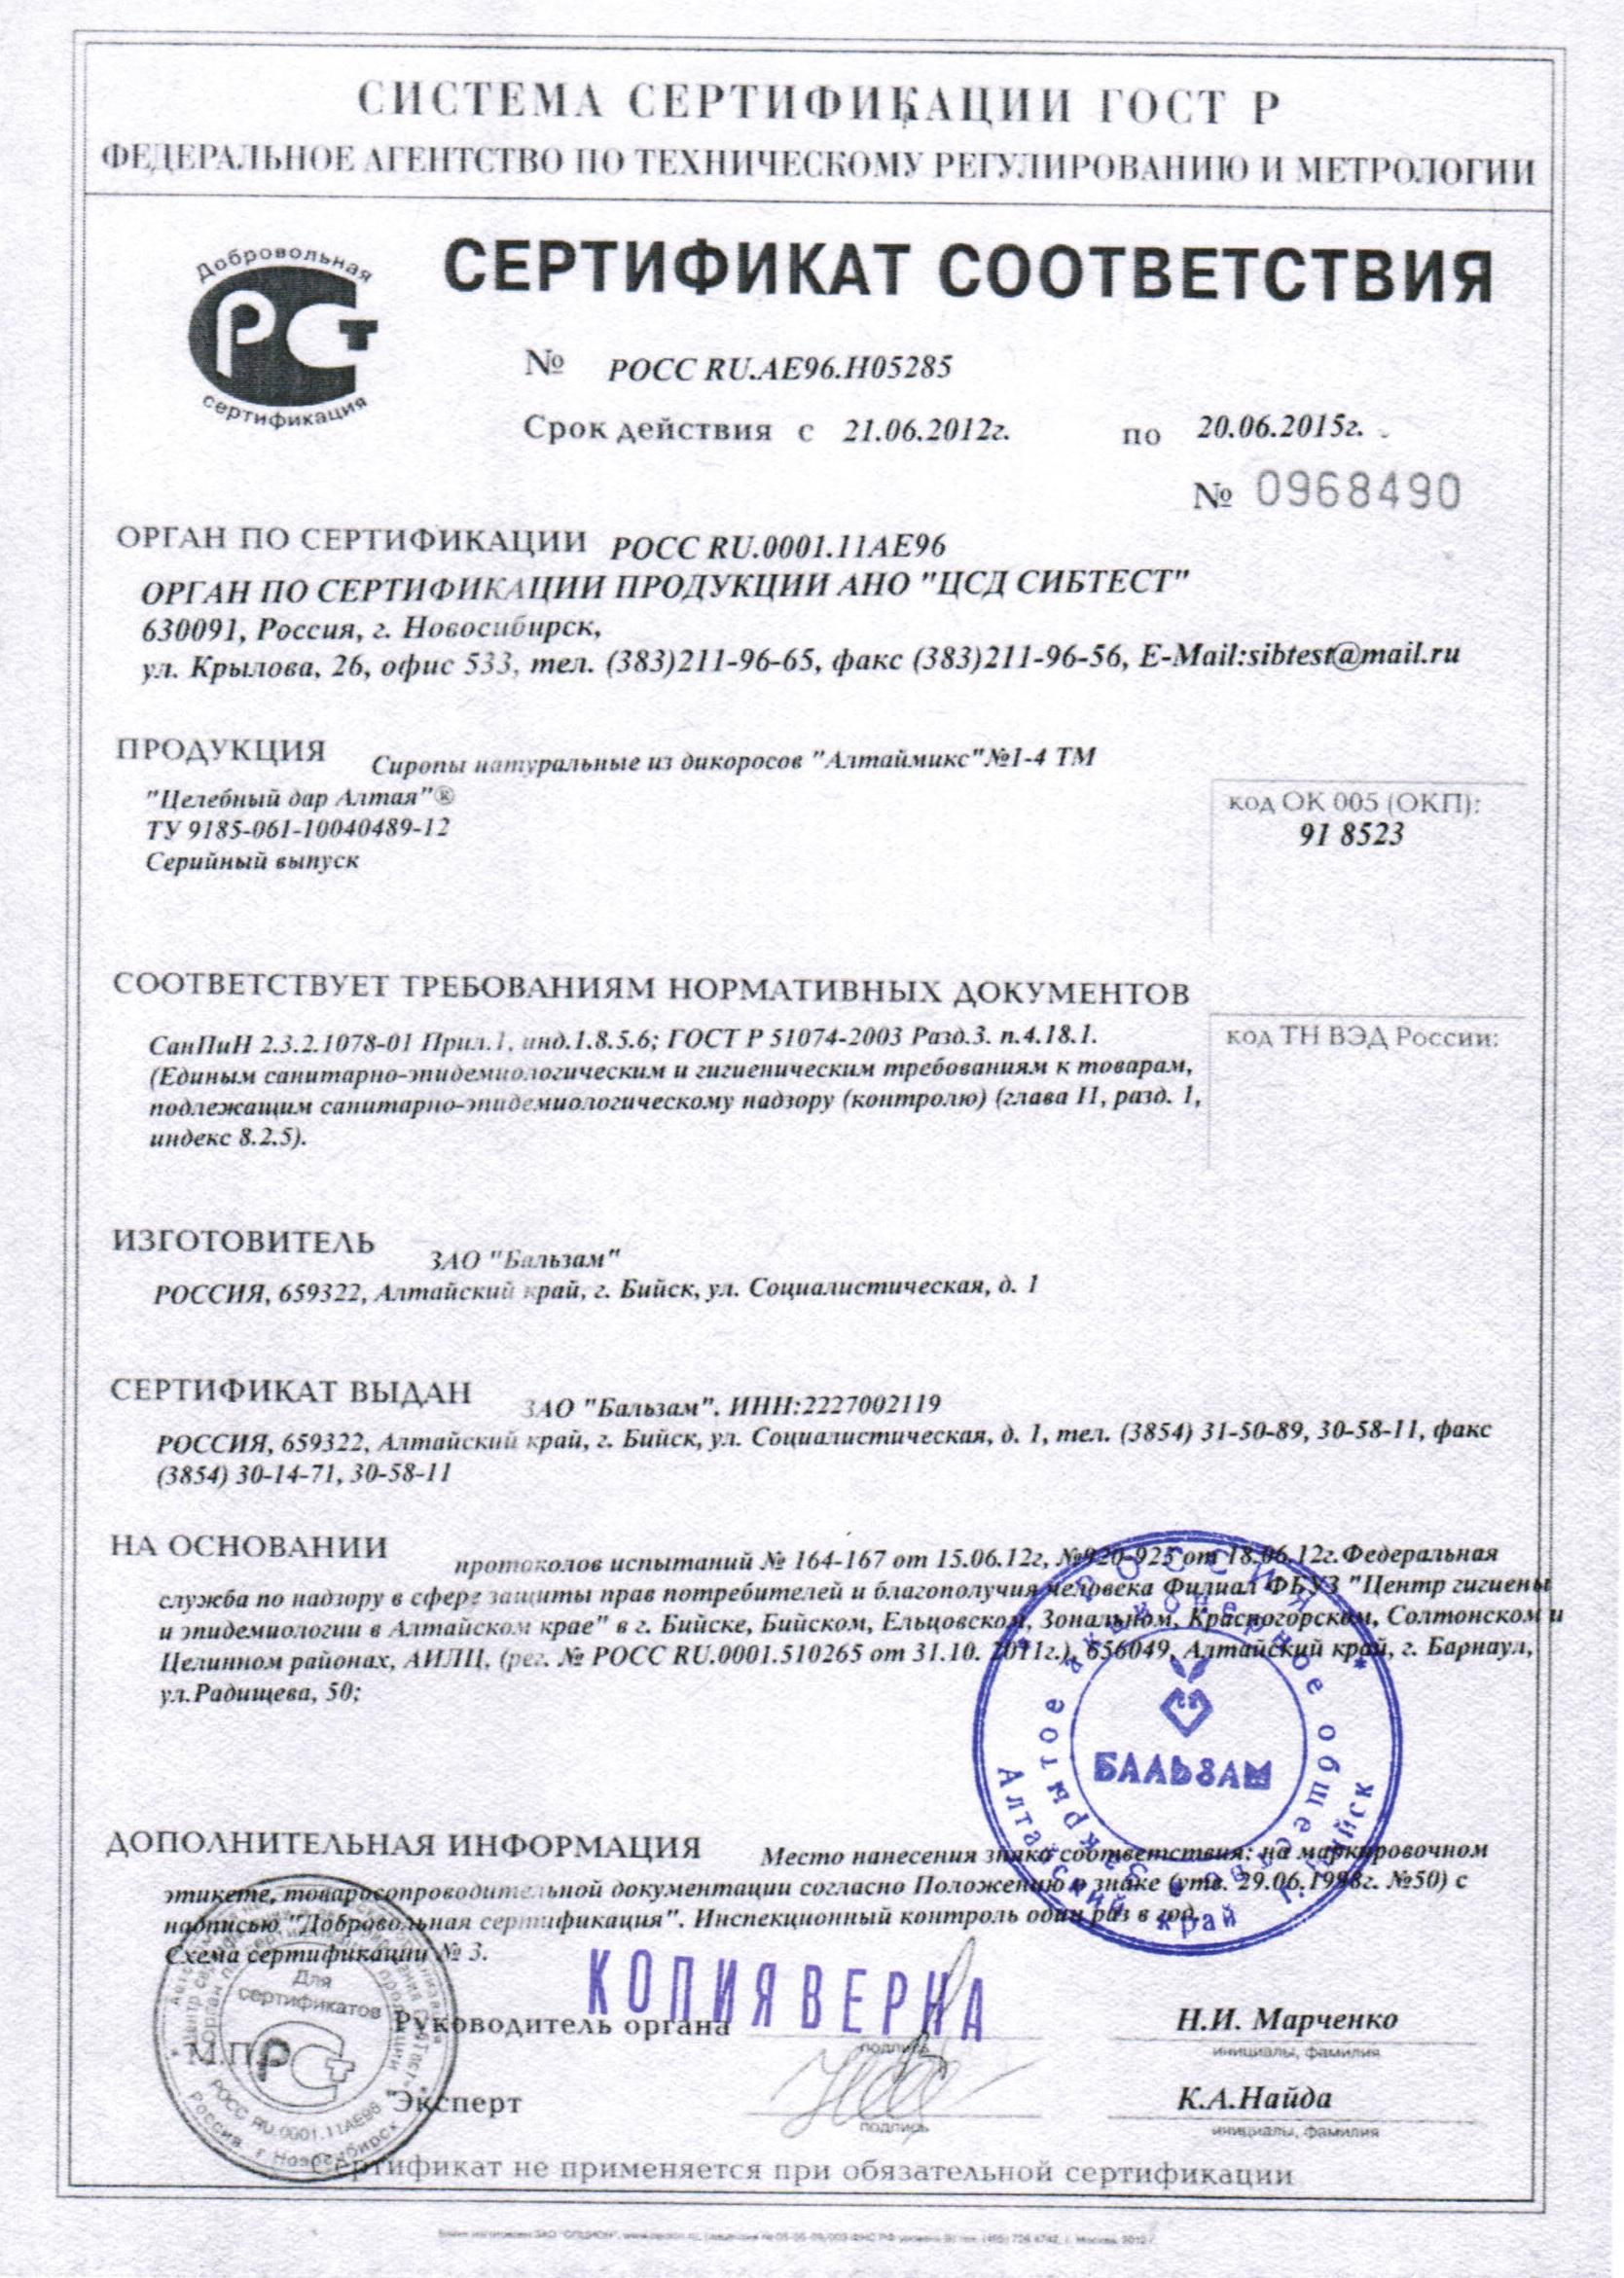 ЗАО Бальзам - сертификат соответствия продукции